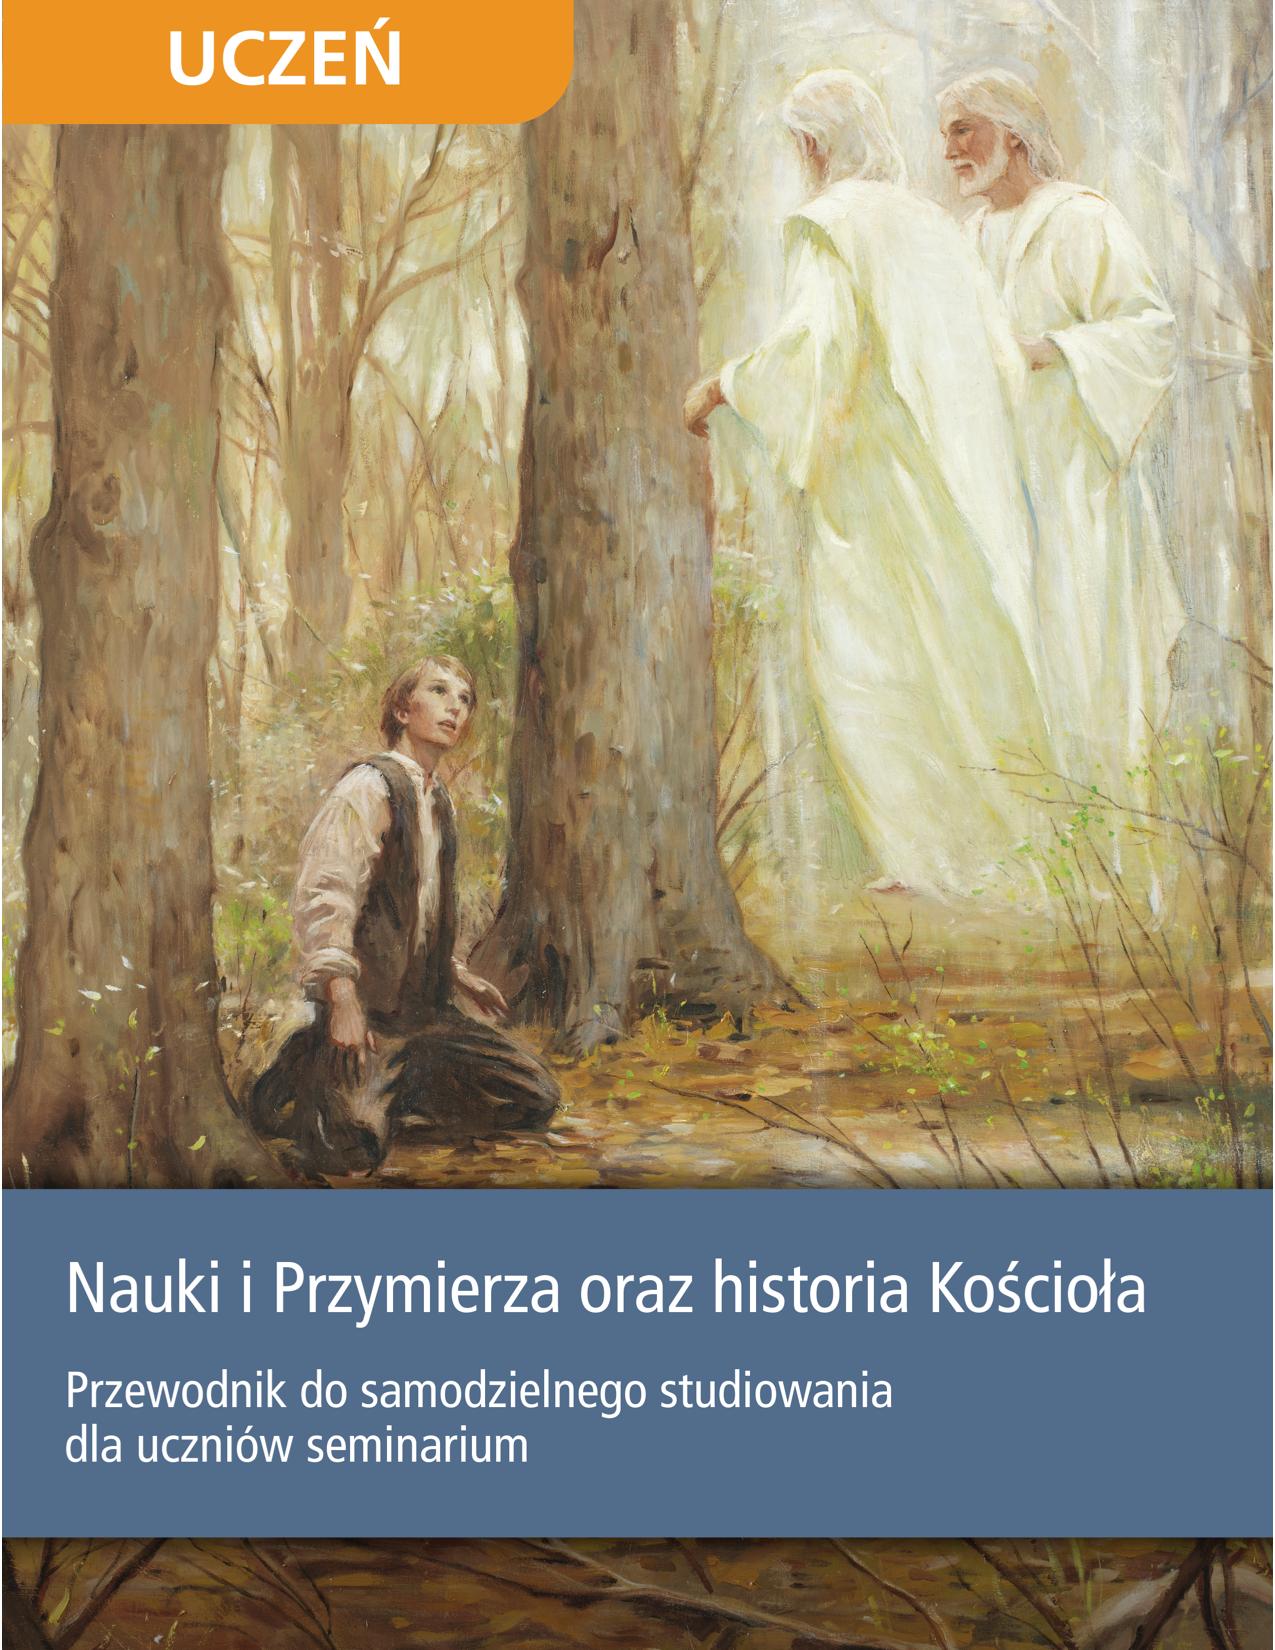 Nauki i Przymierza oraz historia Kościoła Przewodnik do samodzielnego studiowania dla uczniów seminarium